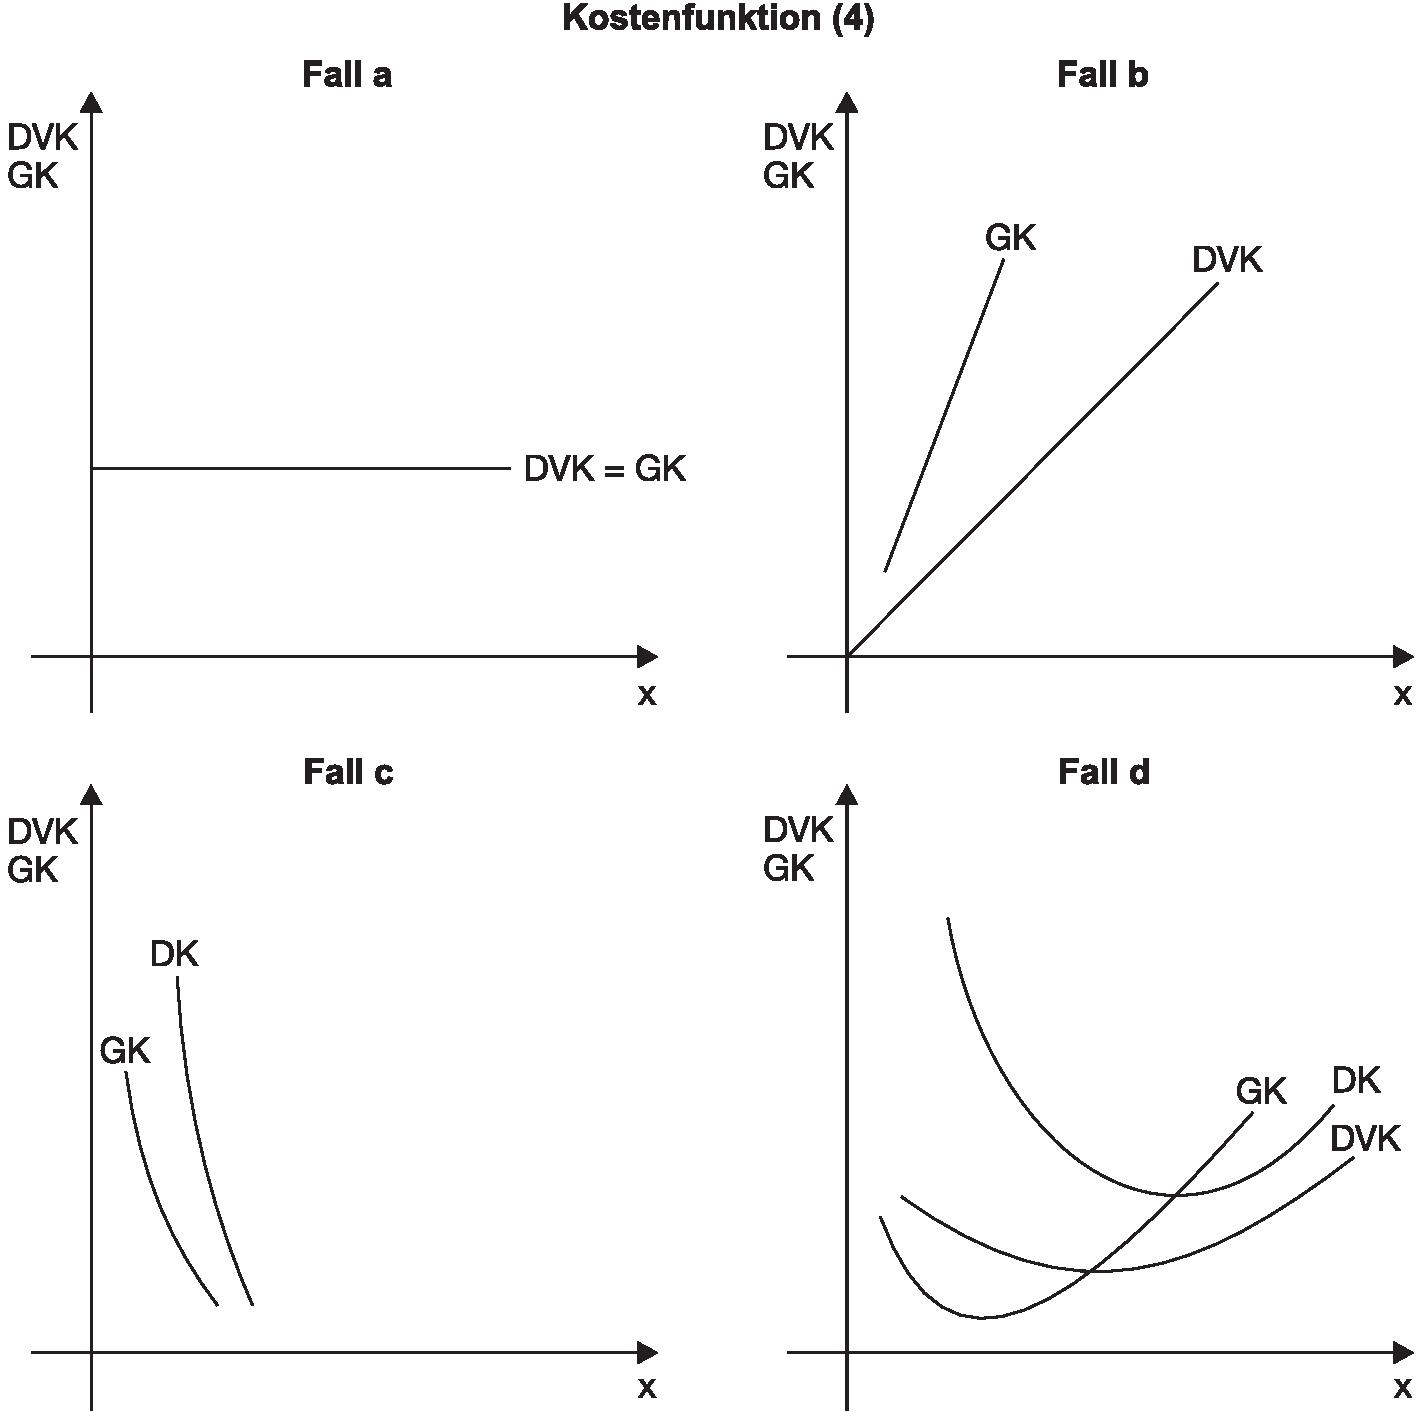 Kostenfunktion • Definition | Gabler Wirtschaftslexikon